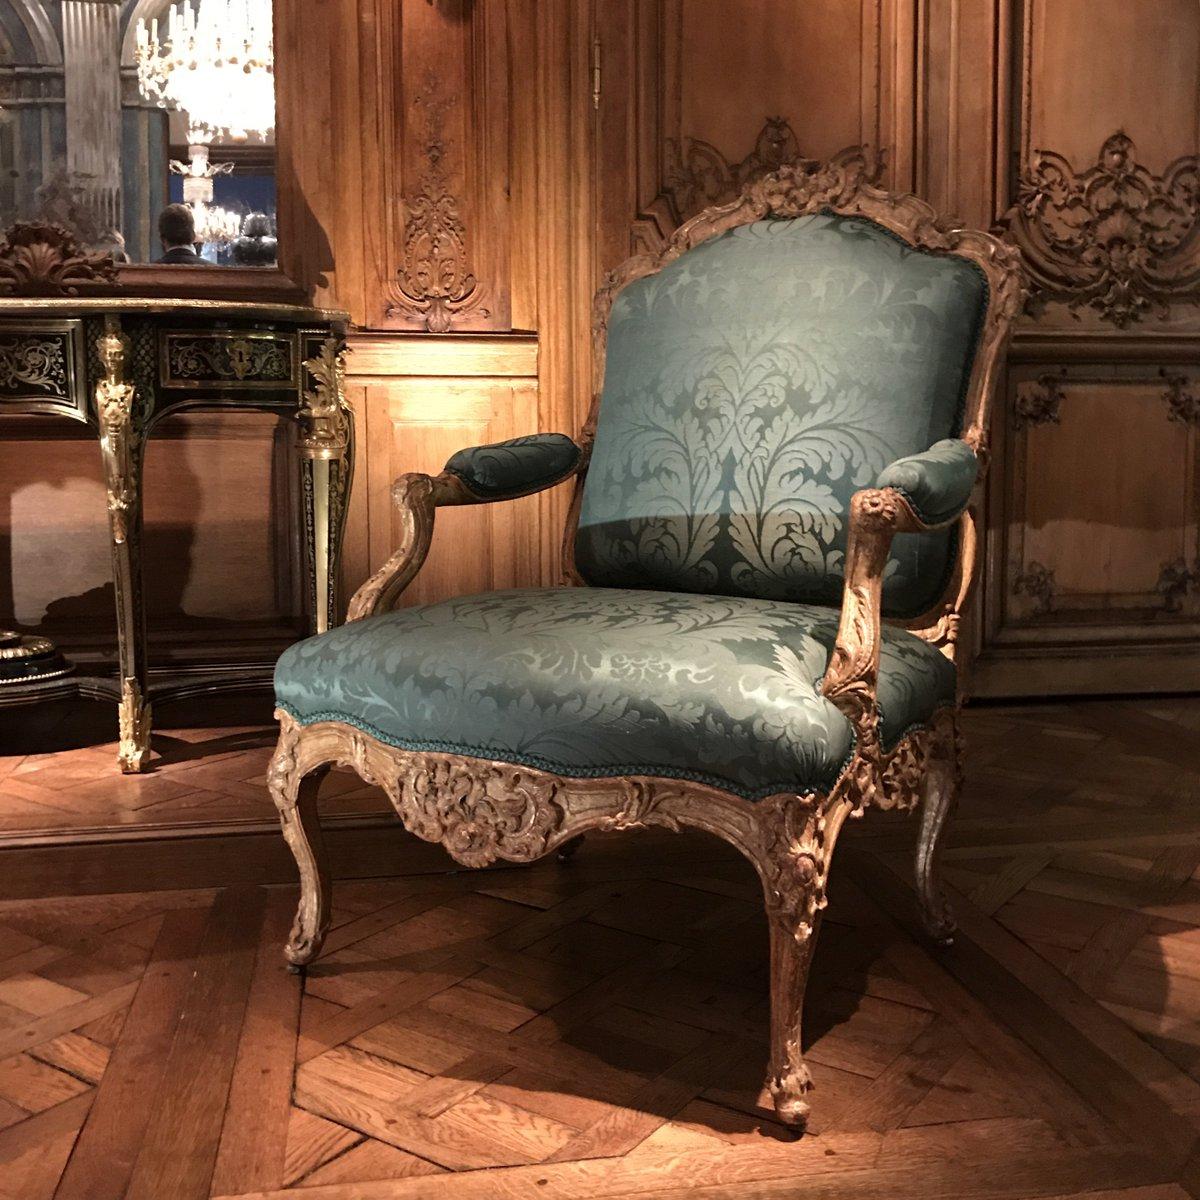 maison brazet on twitter paire de fauteuils louis xv de cresson v 1735 garnis. Black Bedroom Furniture Sets. Home Design Ideas